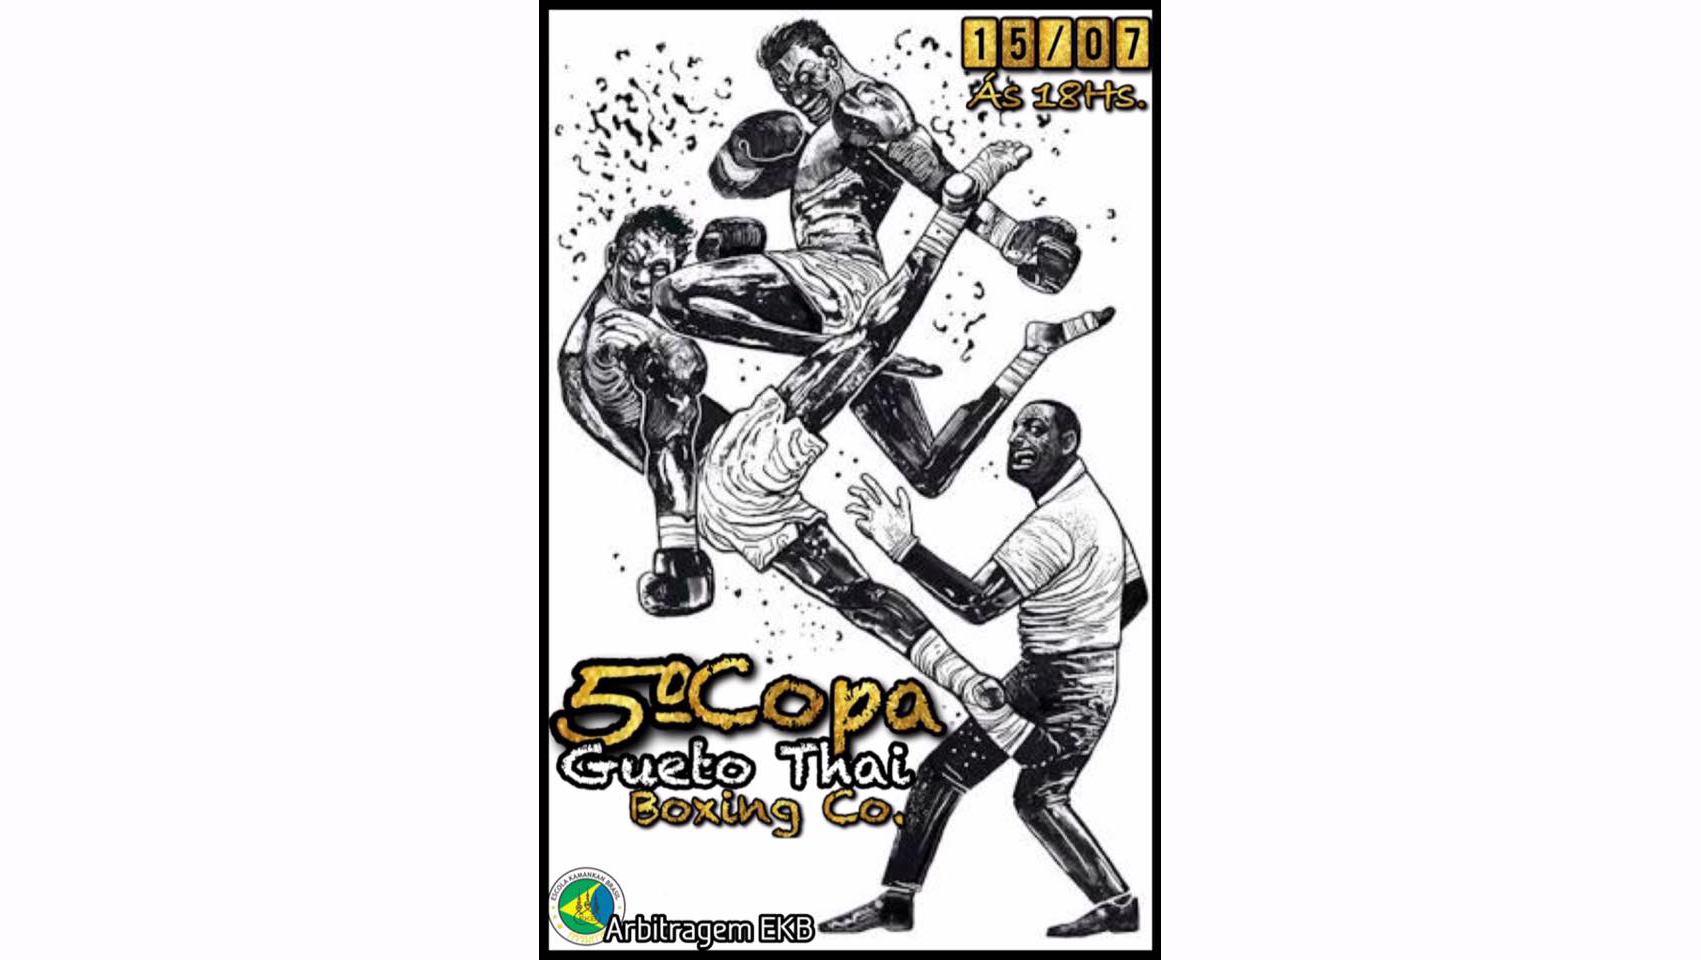 Amanhã tem Copa Gueto Thai em Carapicuíba